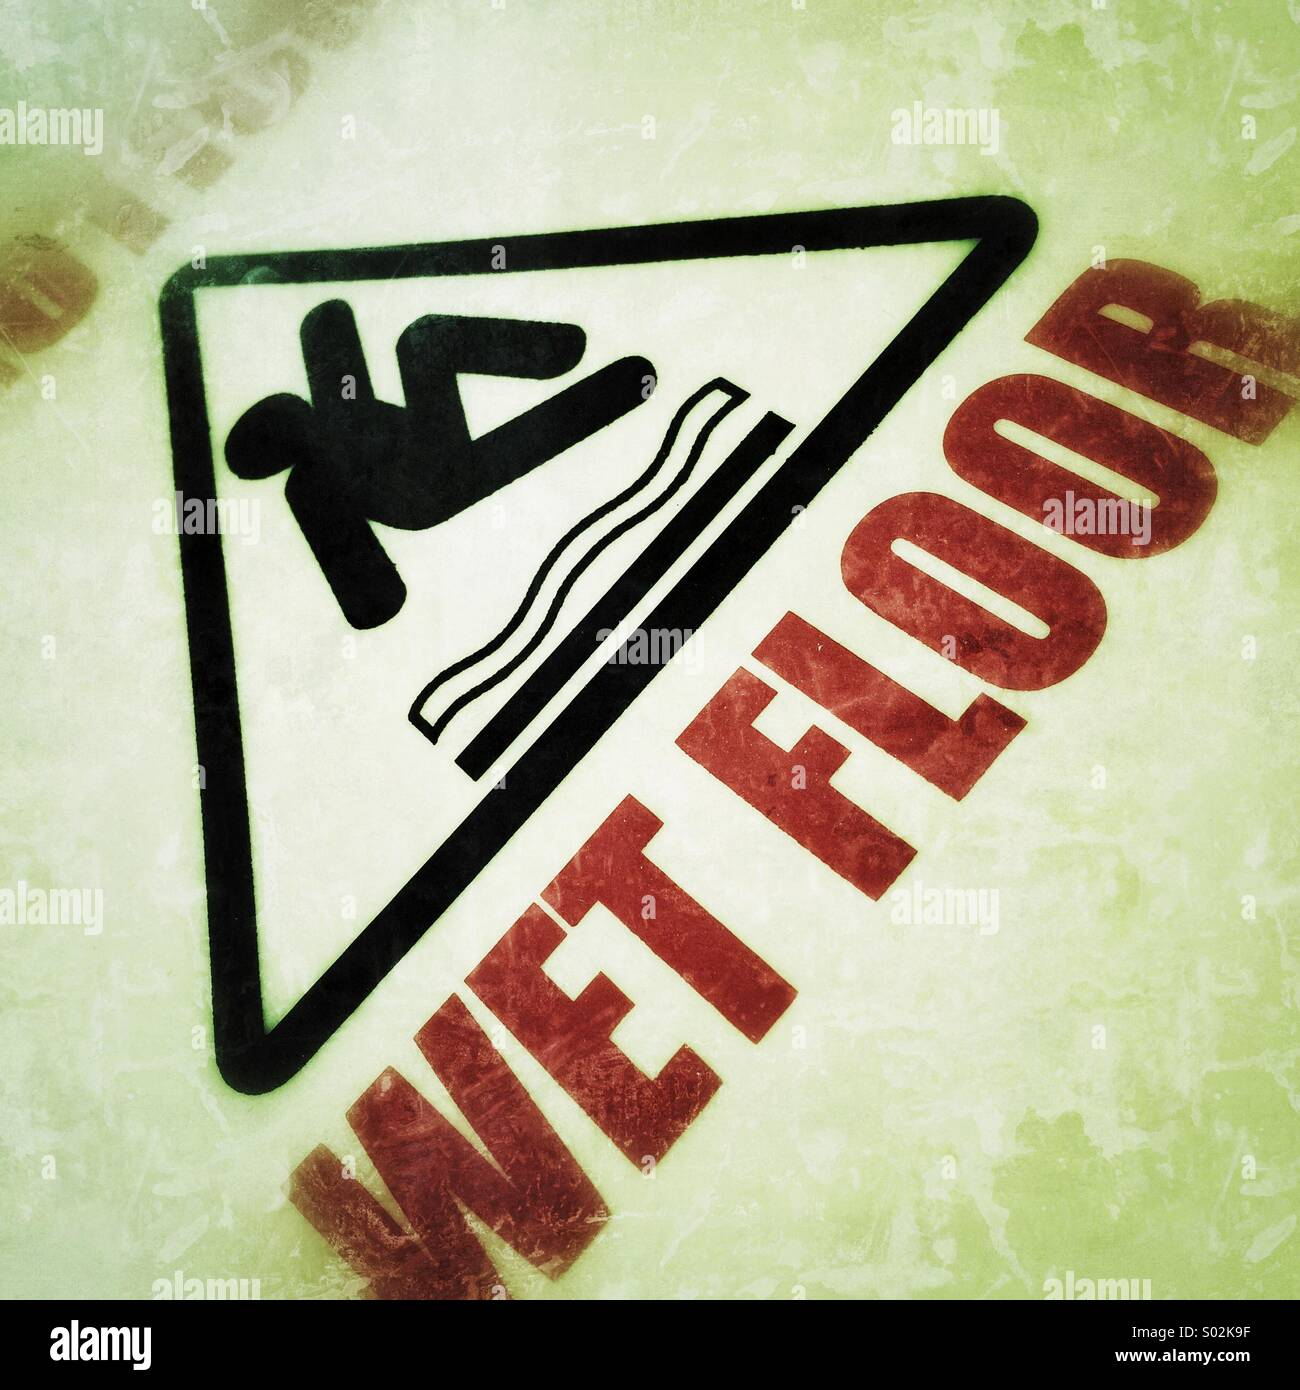 Piso mojado, señal de advertencia Imagen De Stock